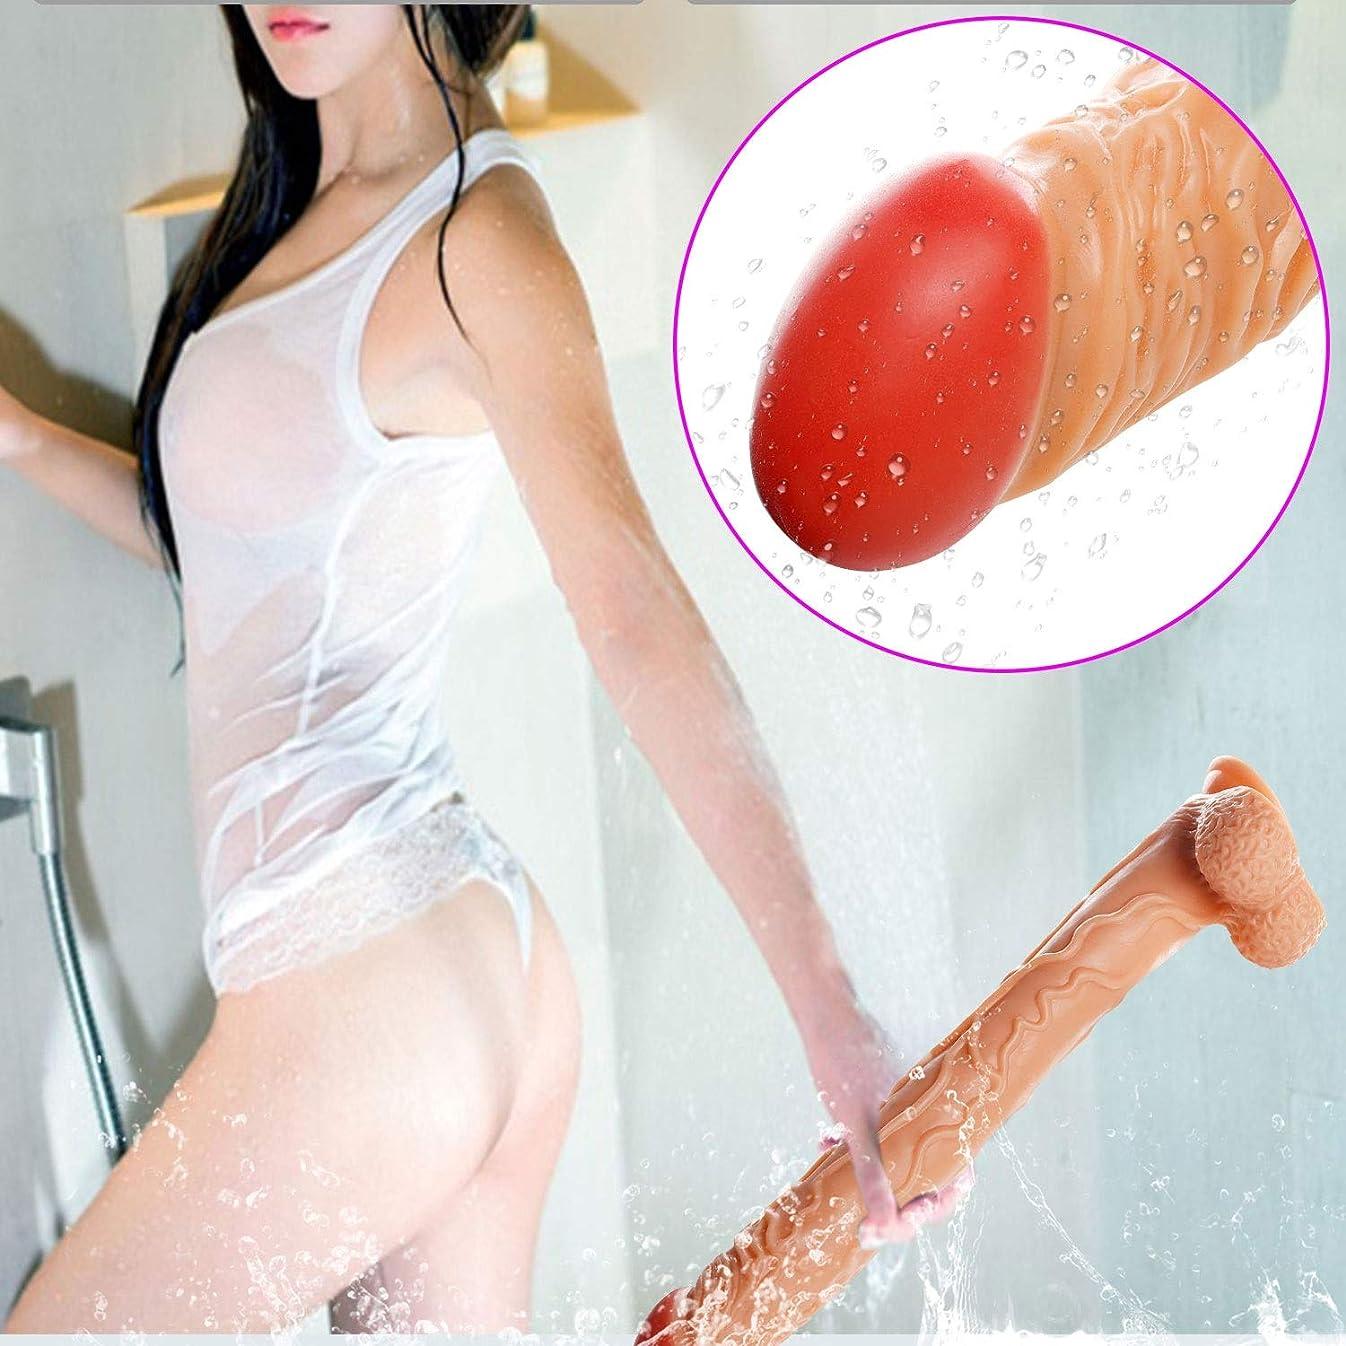 昆虫エキス養うFHLJ 16.4インチの過剰シリコン??`ld?s 'MasssǎgerWand Topnotch Personal Body Massage Wand